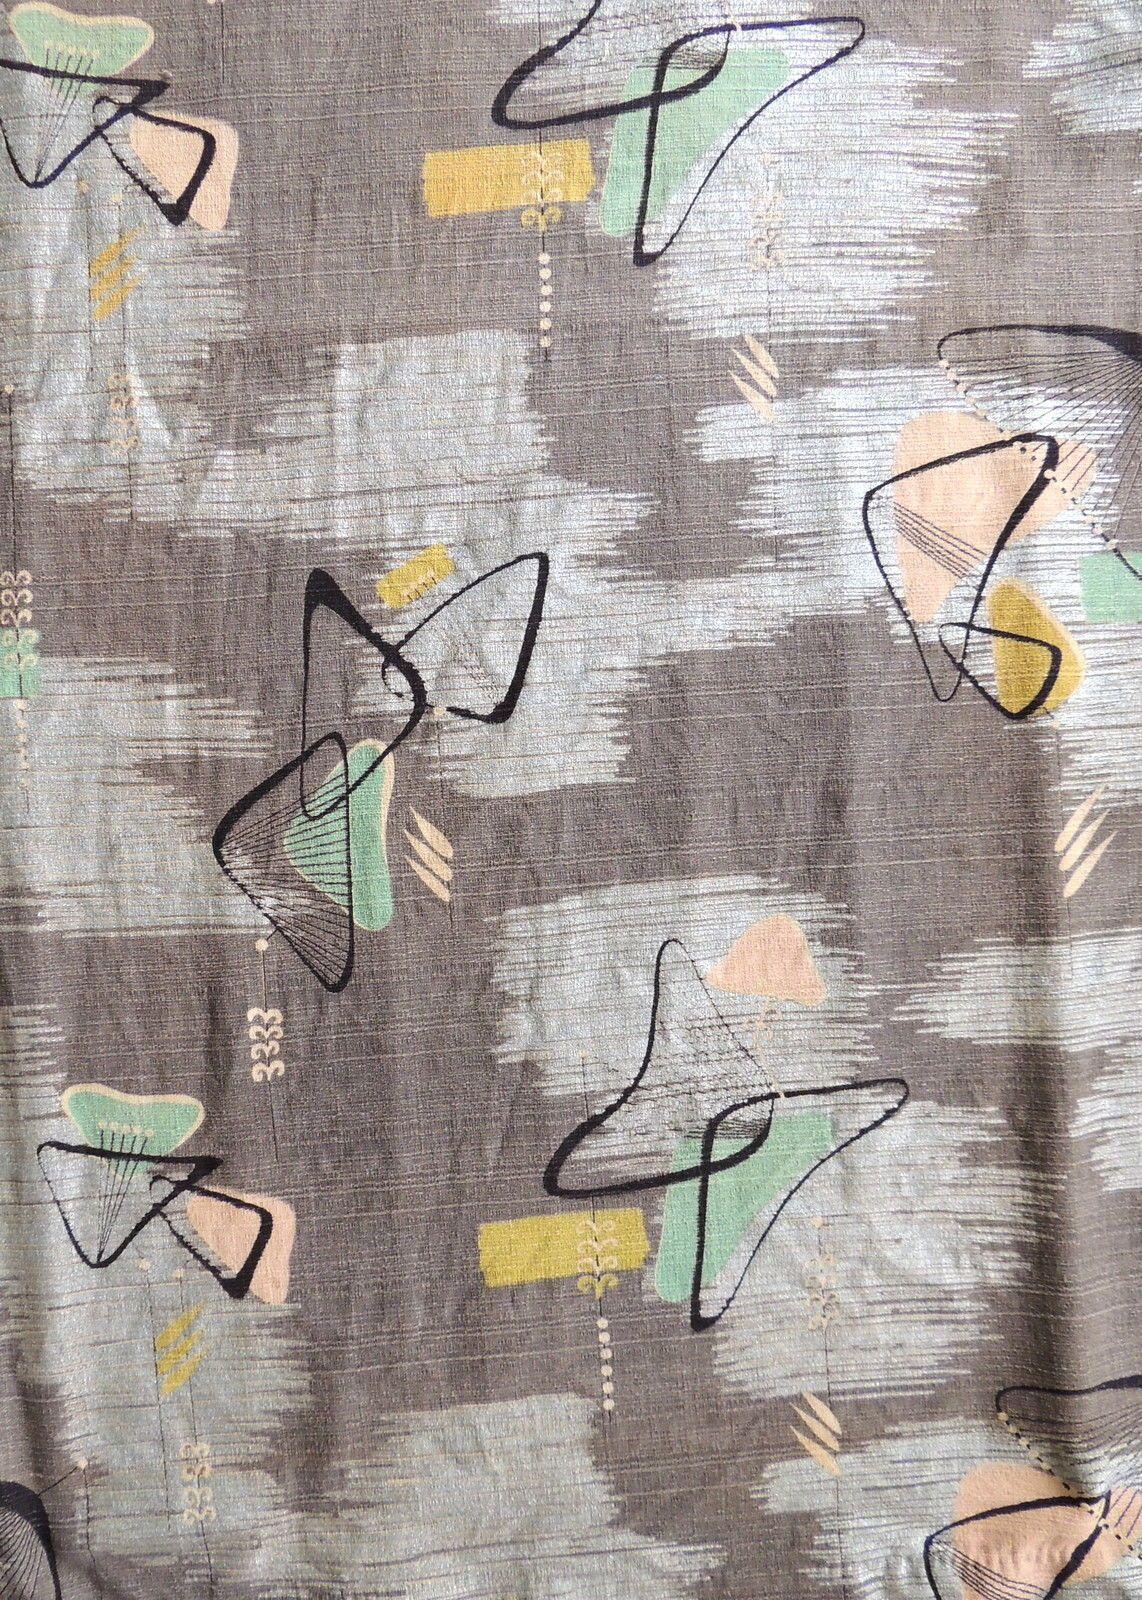 Details about 2 Panels Vintage 1950s Barkcloth Fabric BLUE